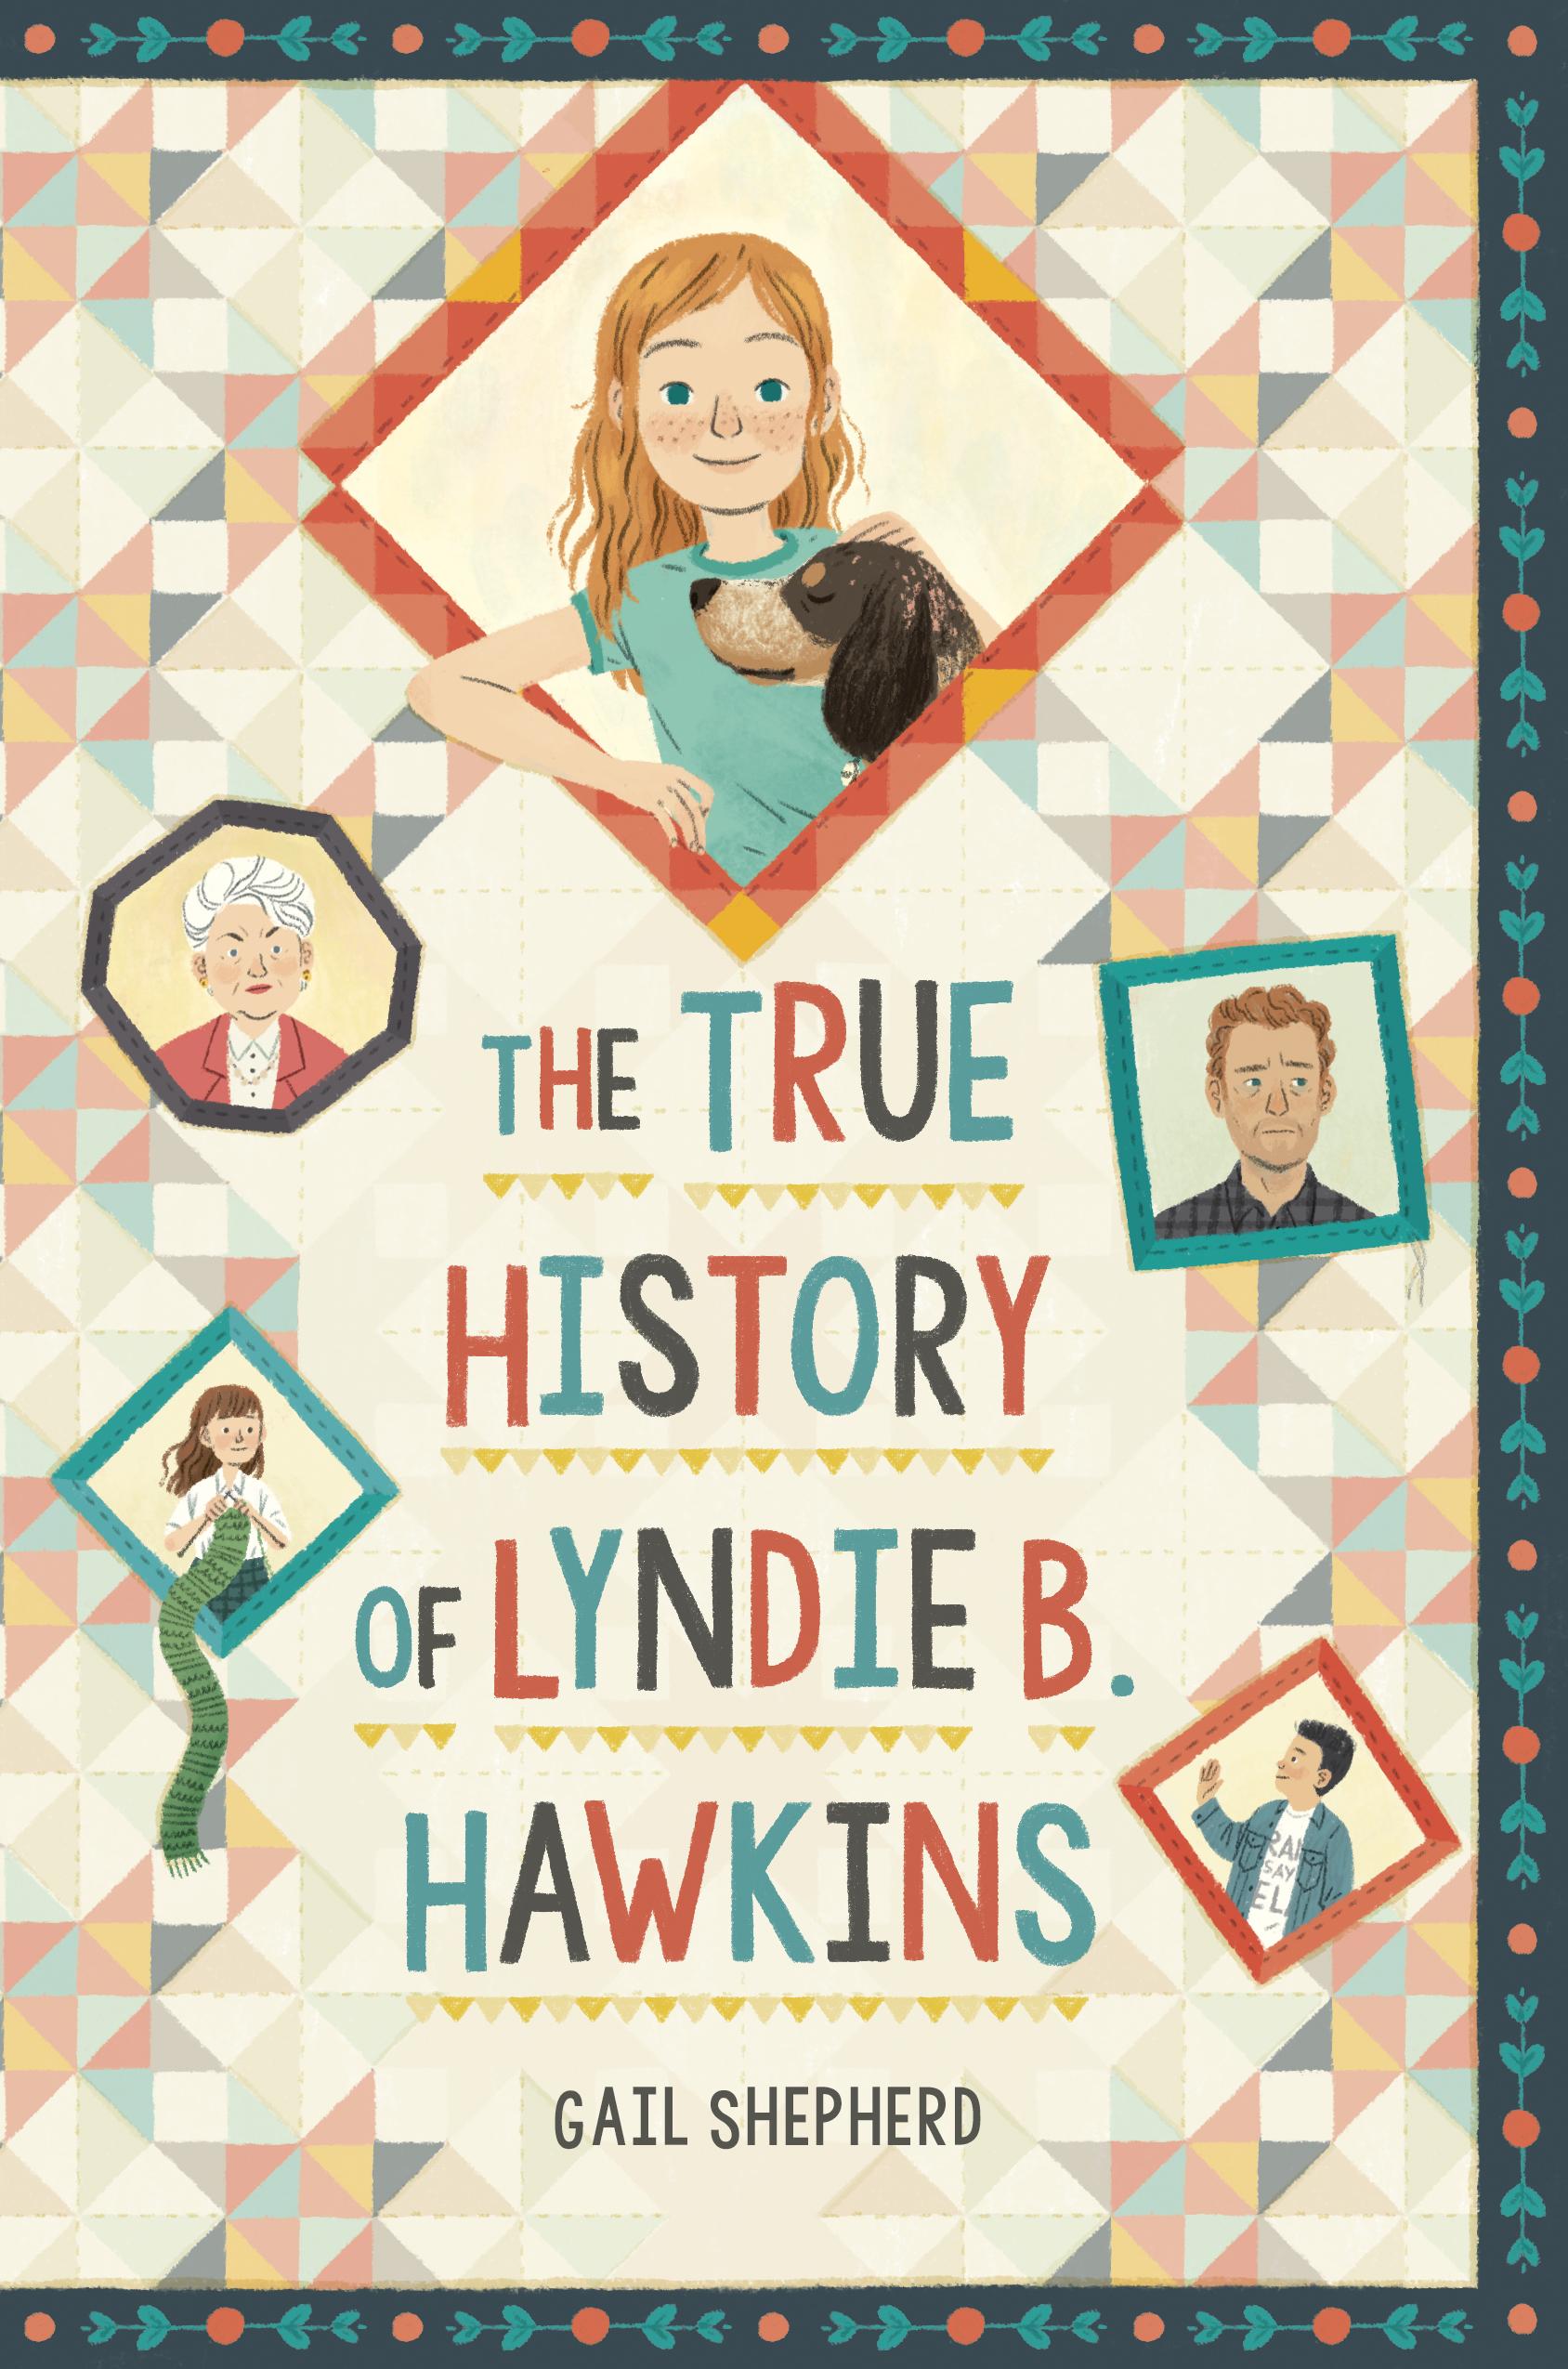 The True History of Lyndie B. Hawkins by Gail Shepherd